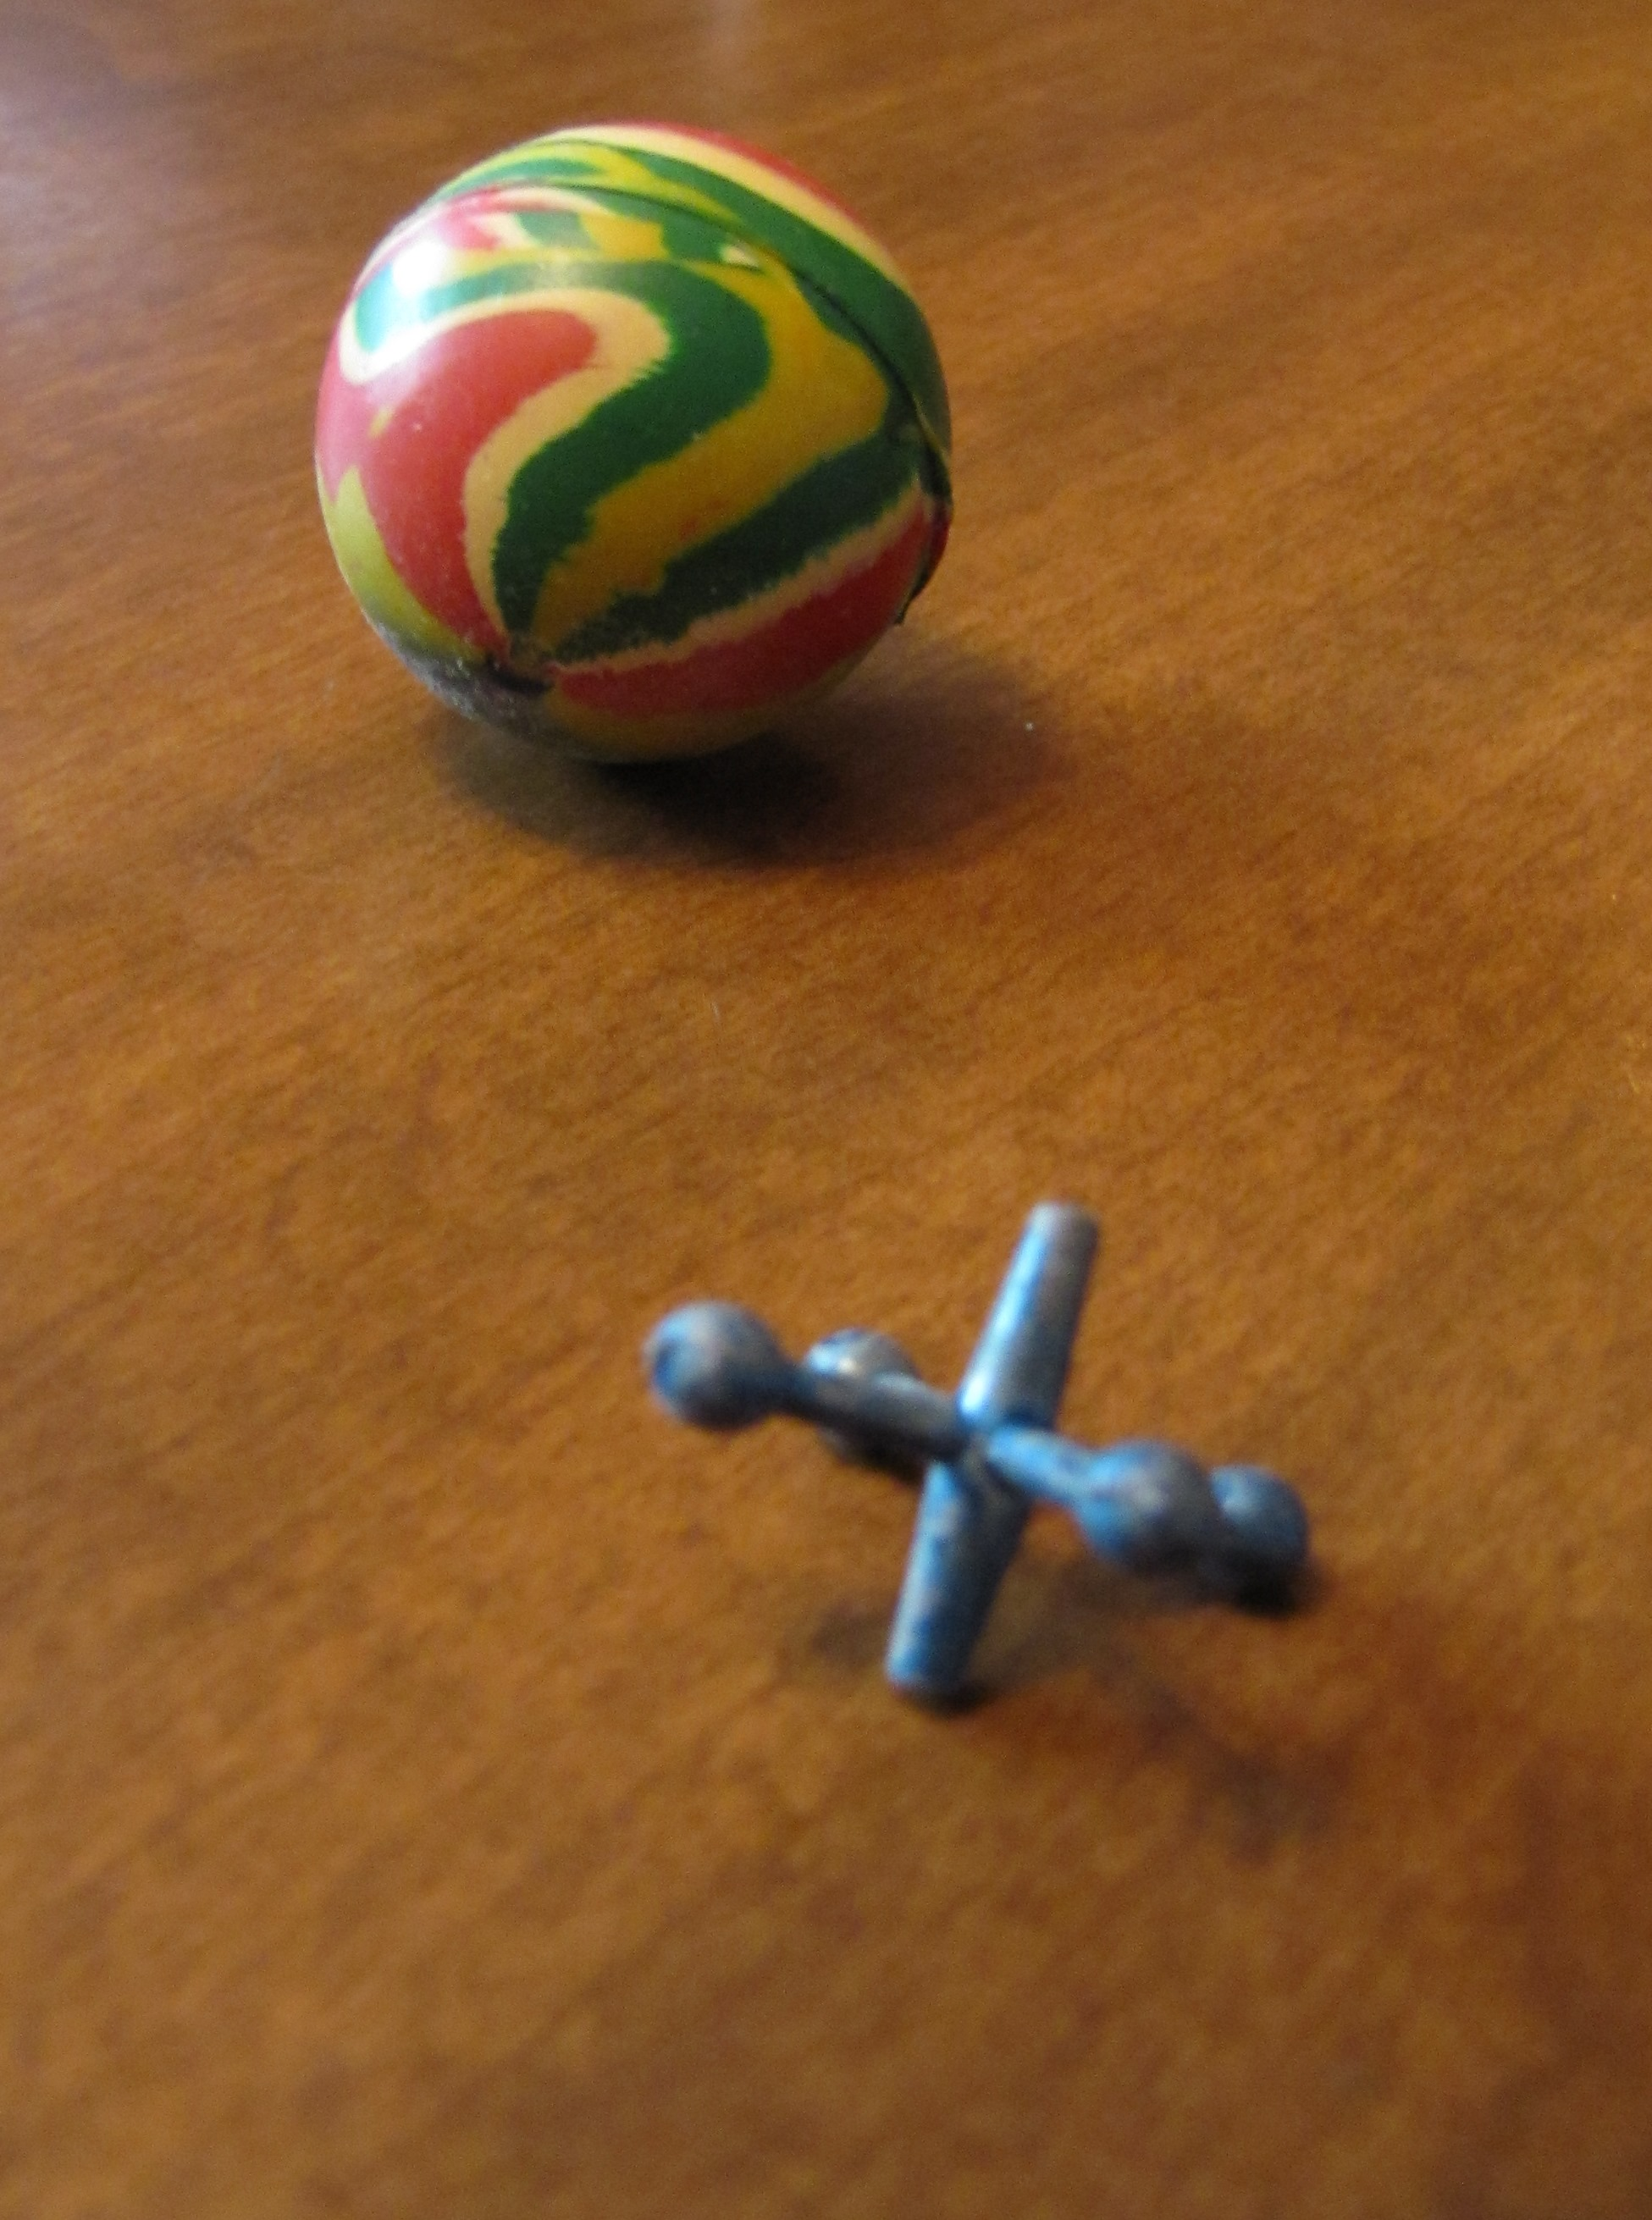 ball and jack